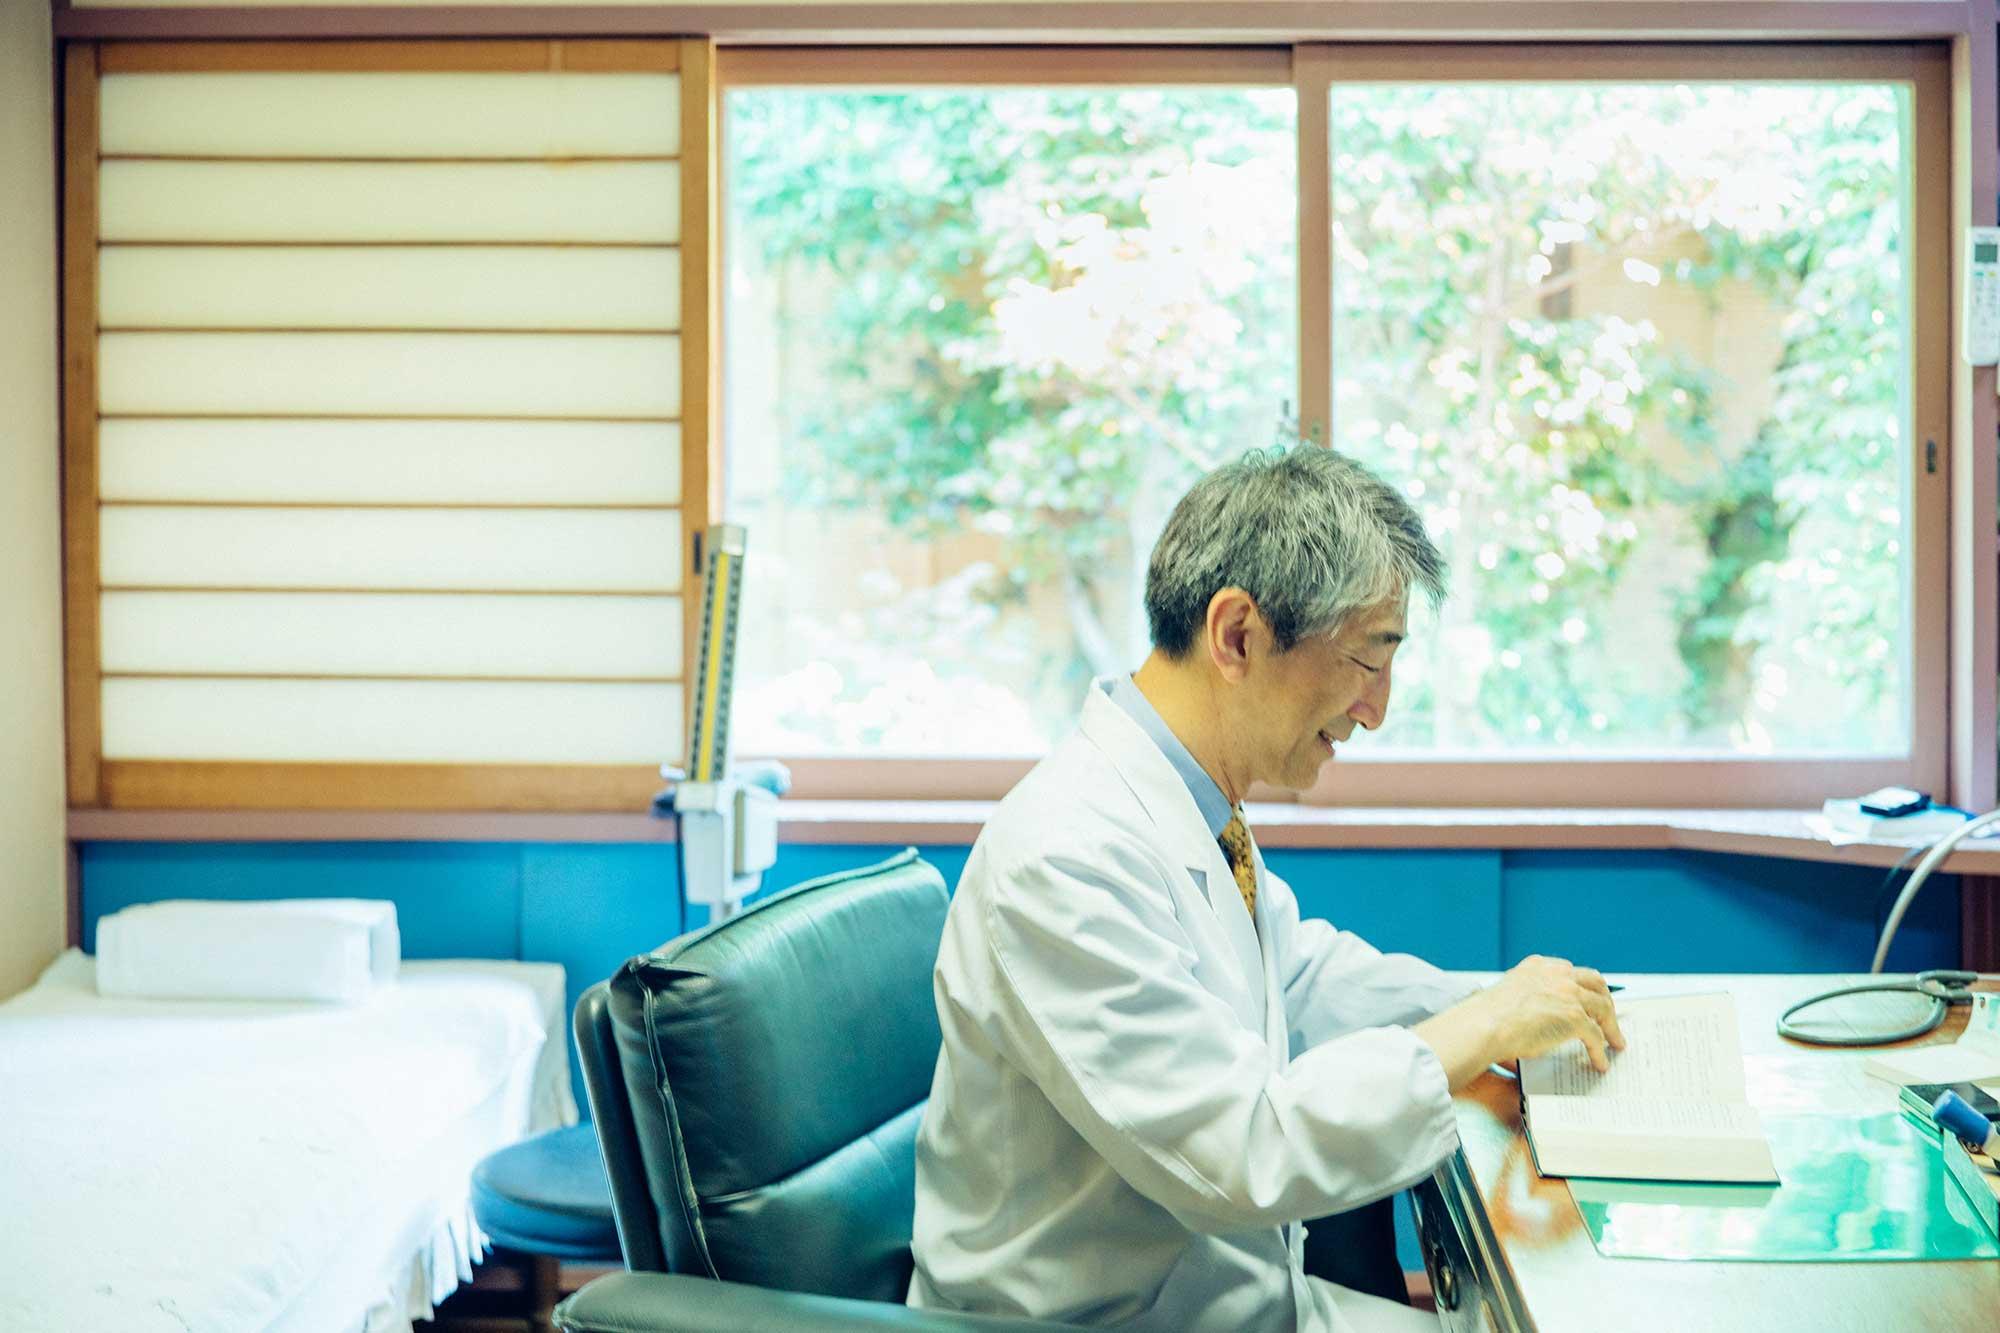 診察室の渡辺院長。大きな窓から庭の緑が見える診察室は、安らげる雰囲気がある。初診の人には、時間をかけて話を聞くという。